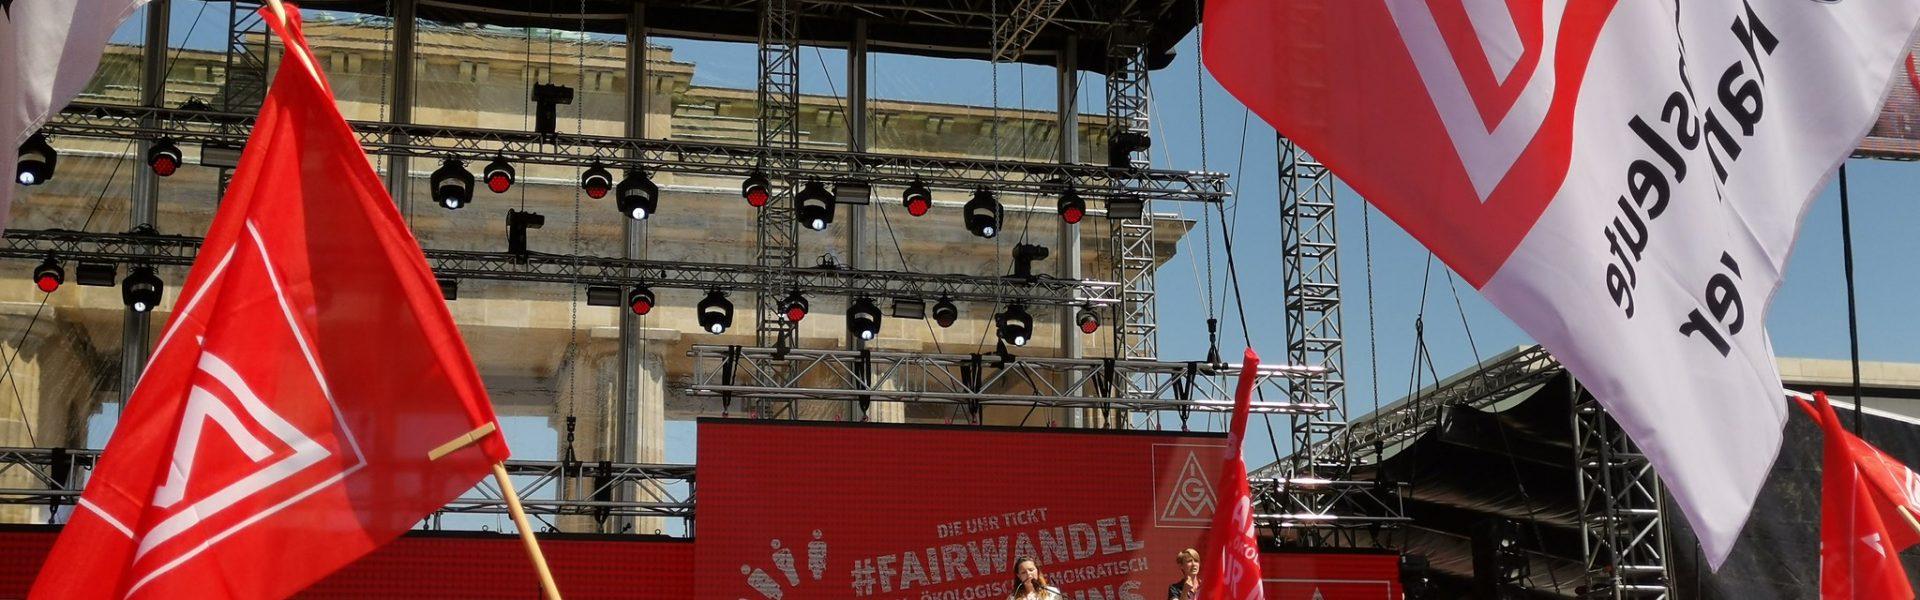 Fairwandel Demo in Berlin (flickr)